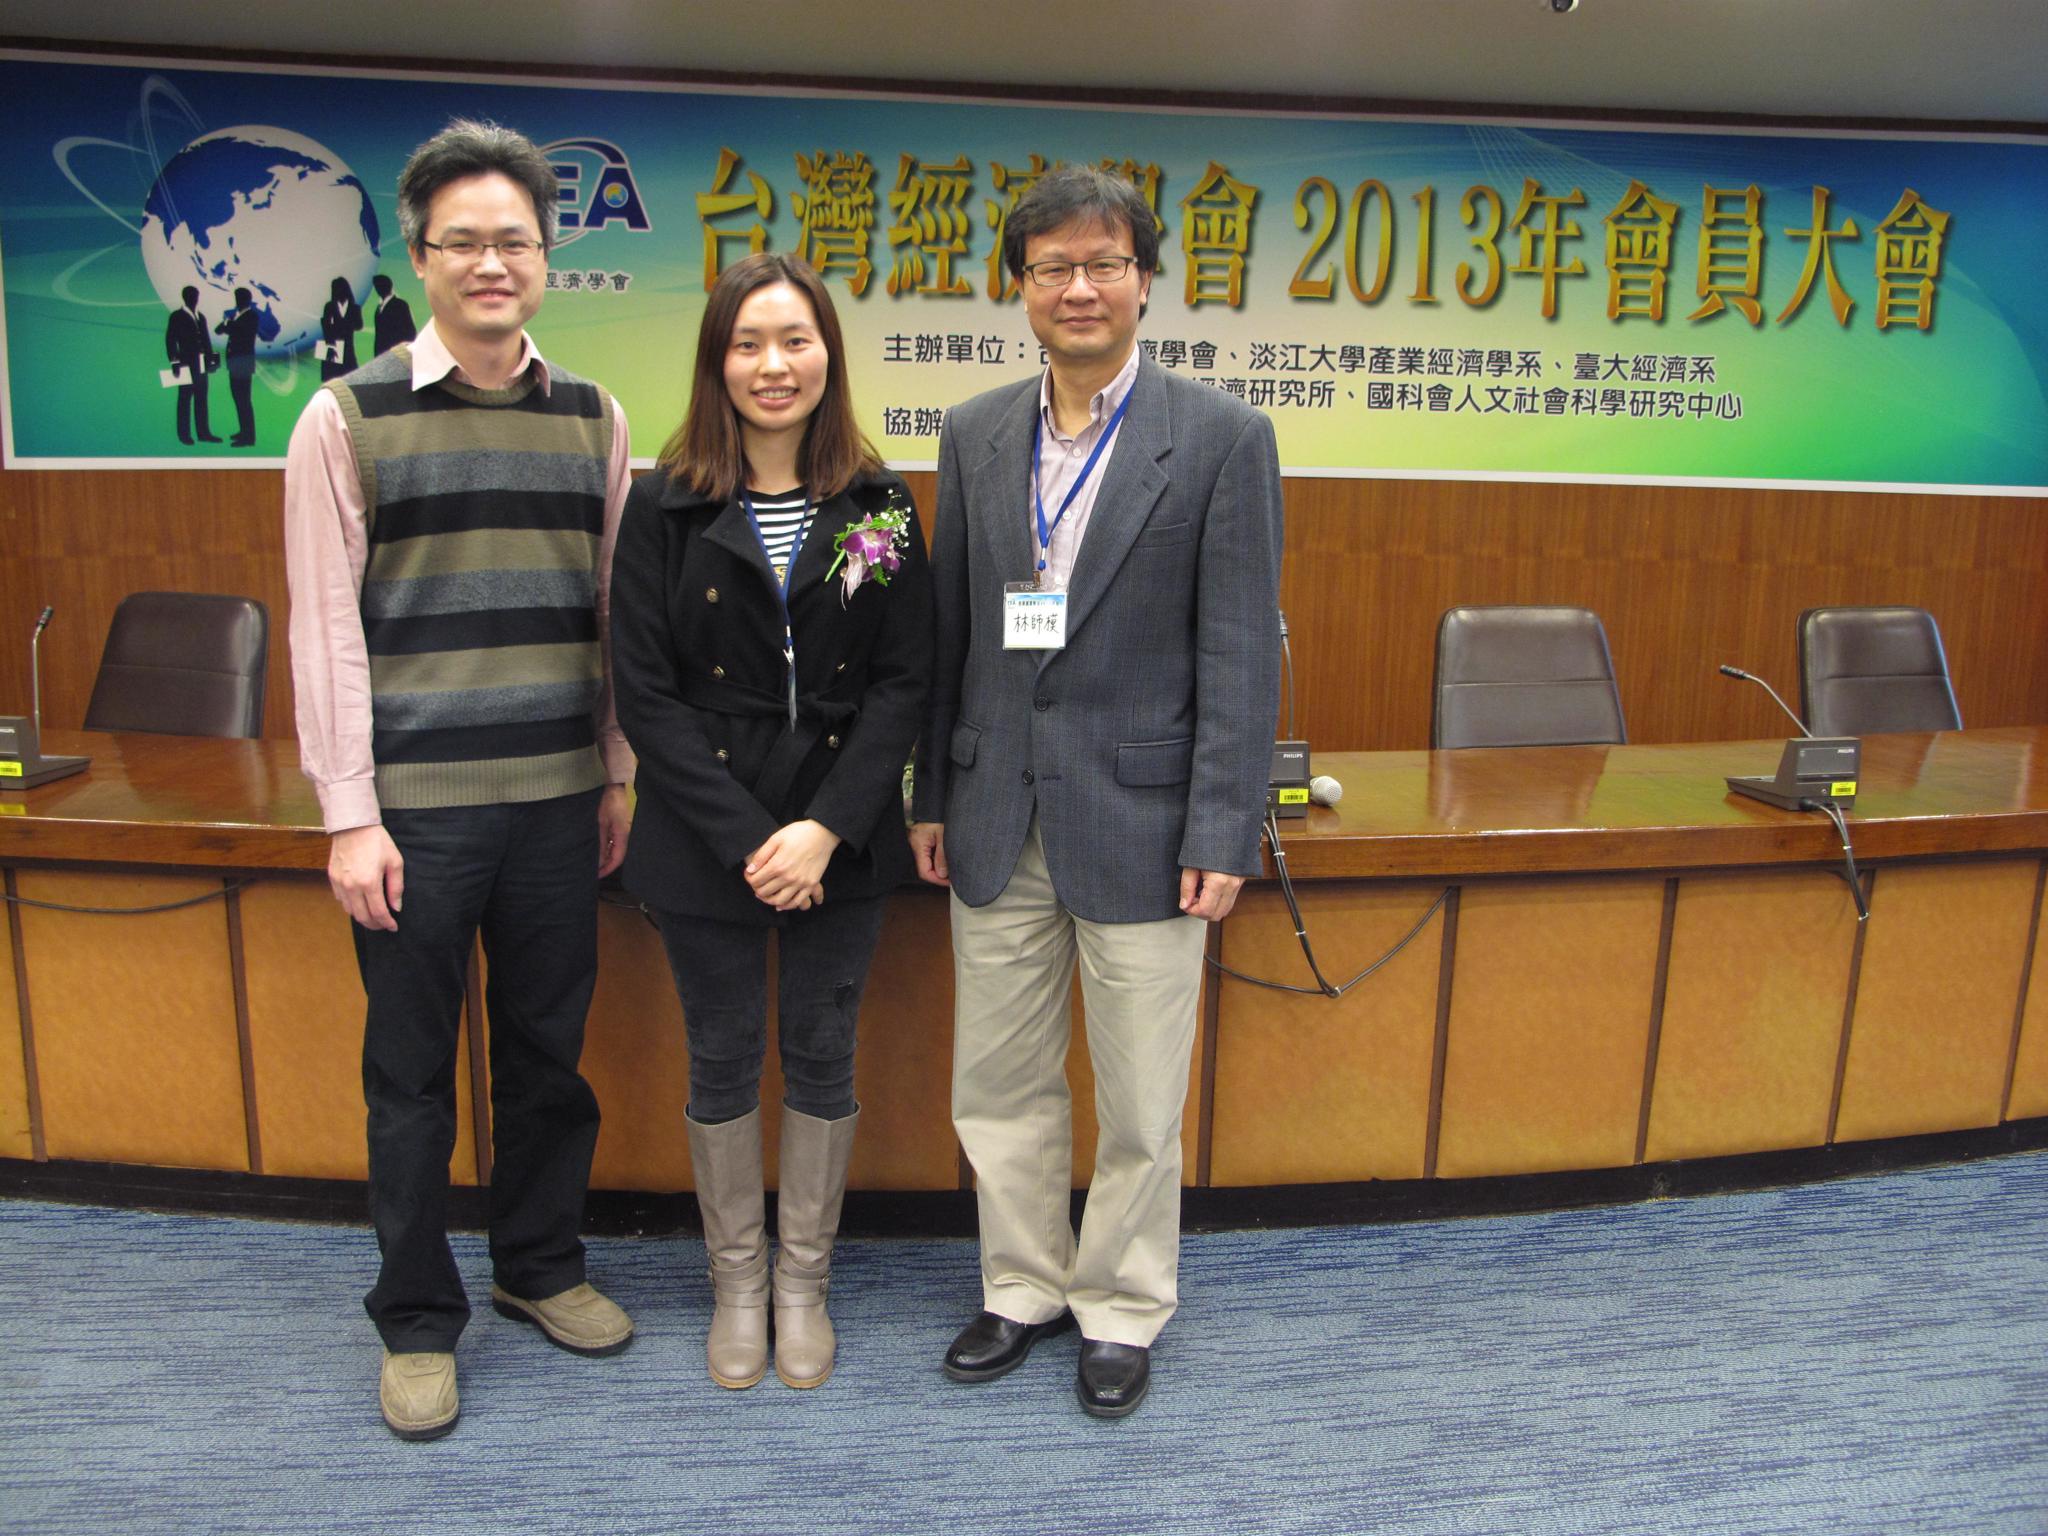 賀!國貿系碩博班學生參加全國論文獎競賽 屢獲佳績